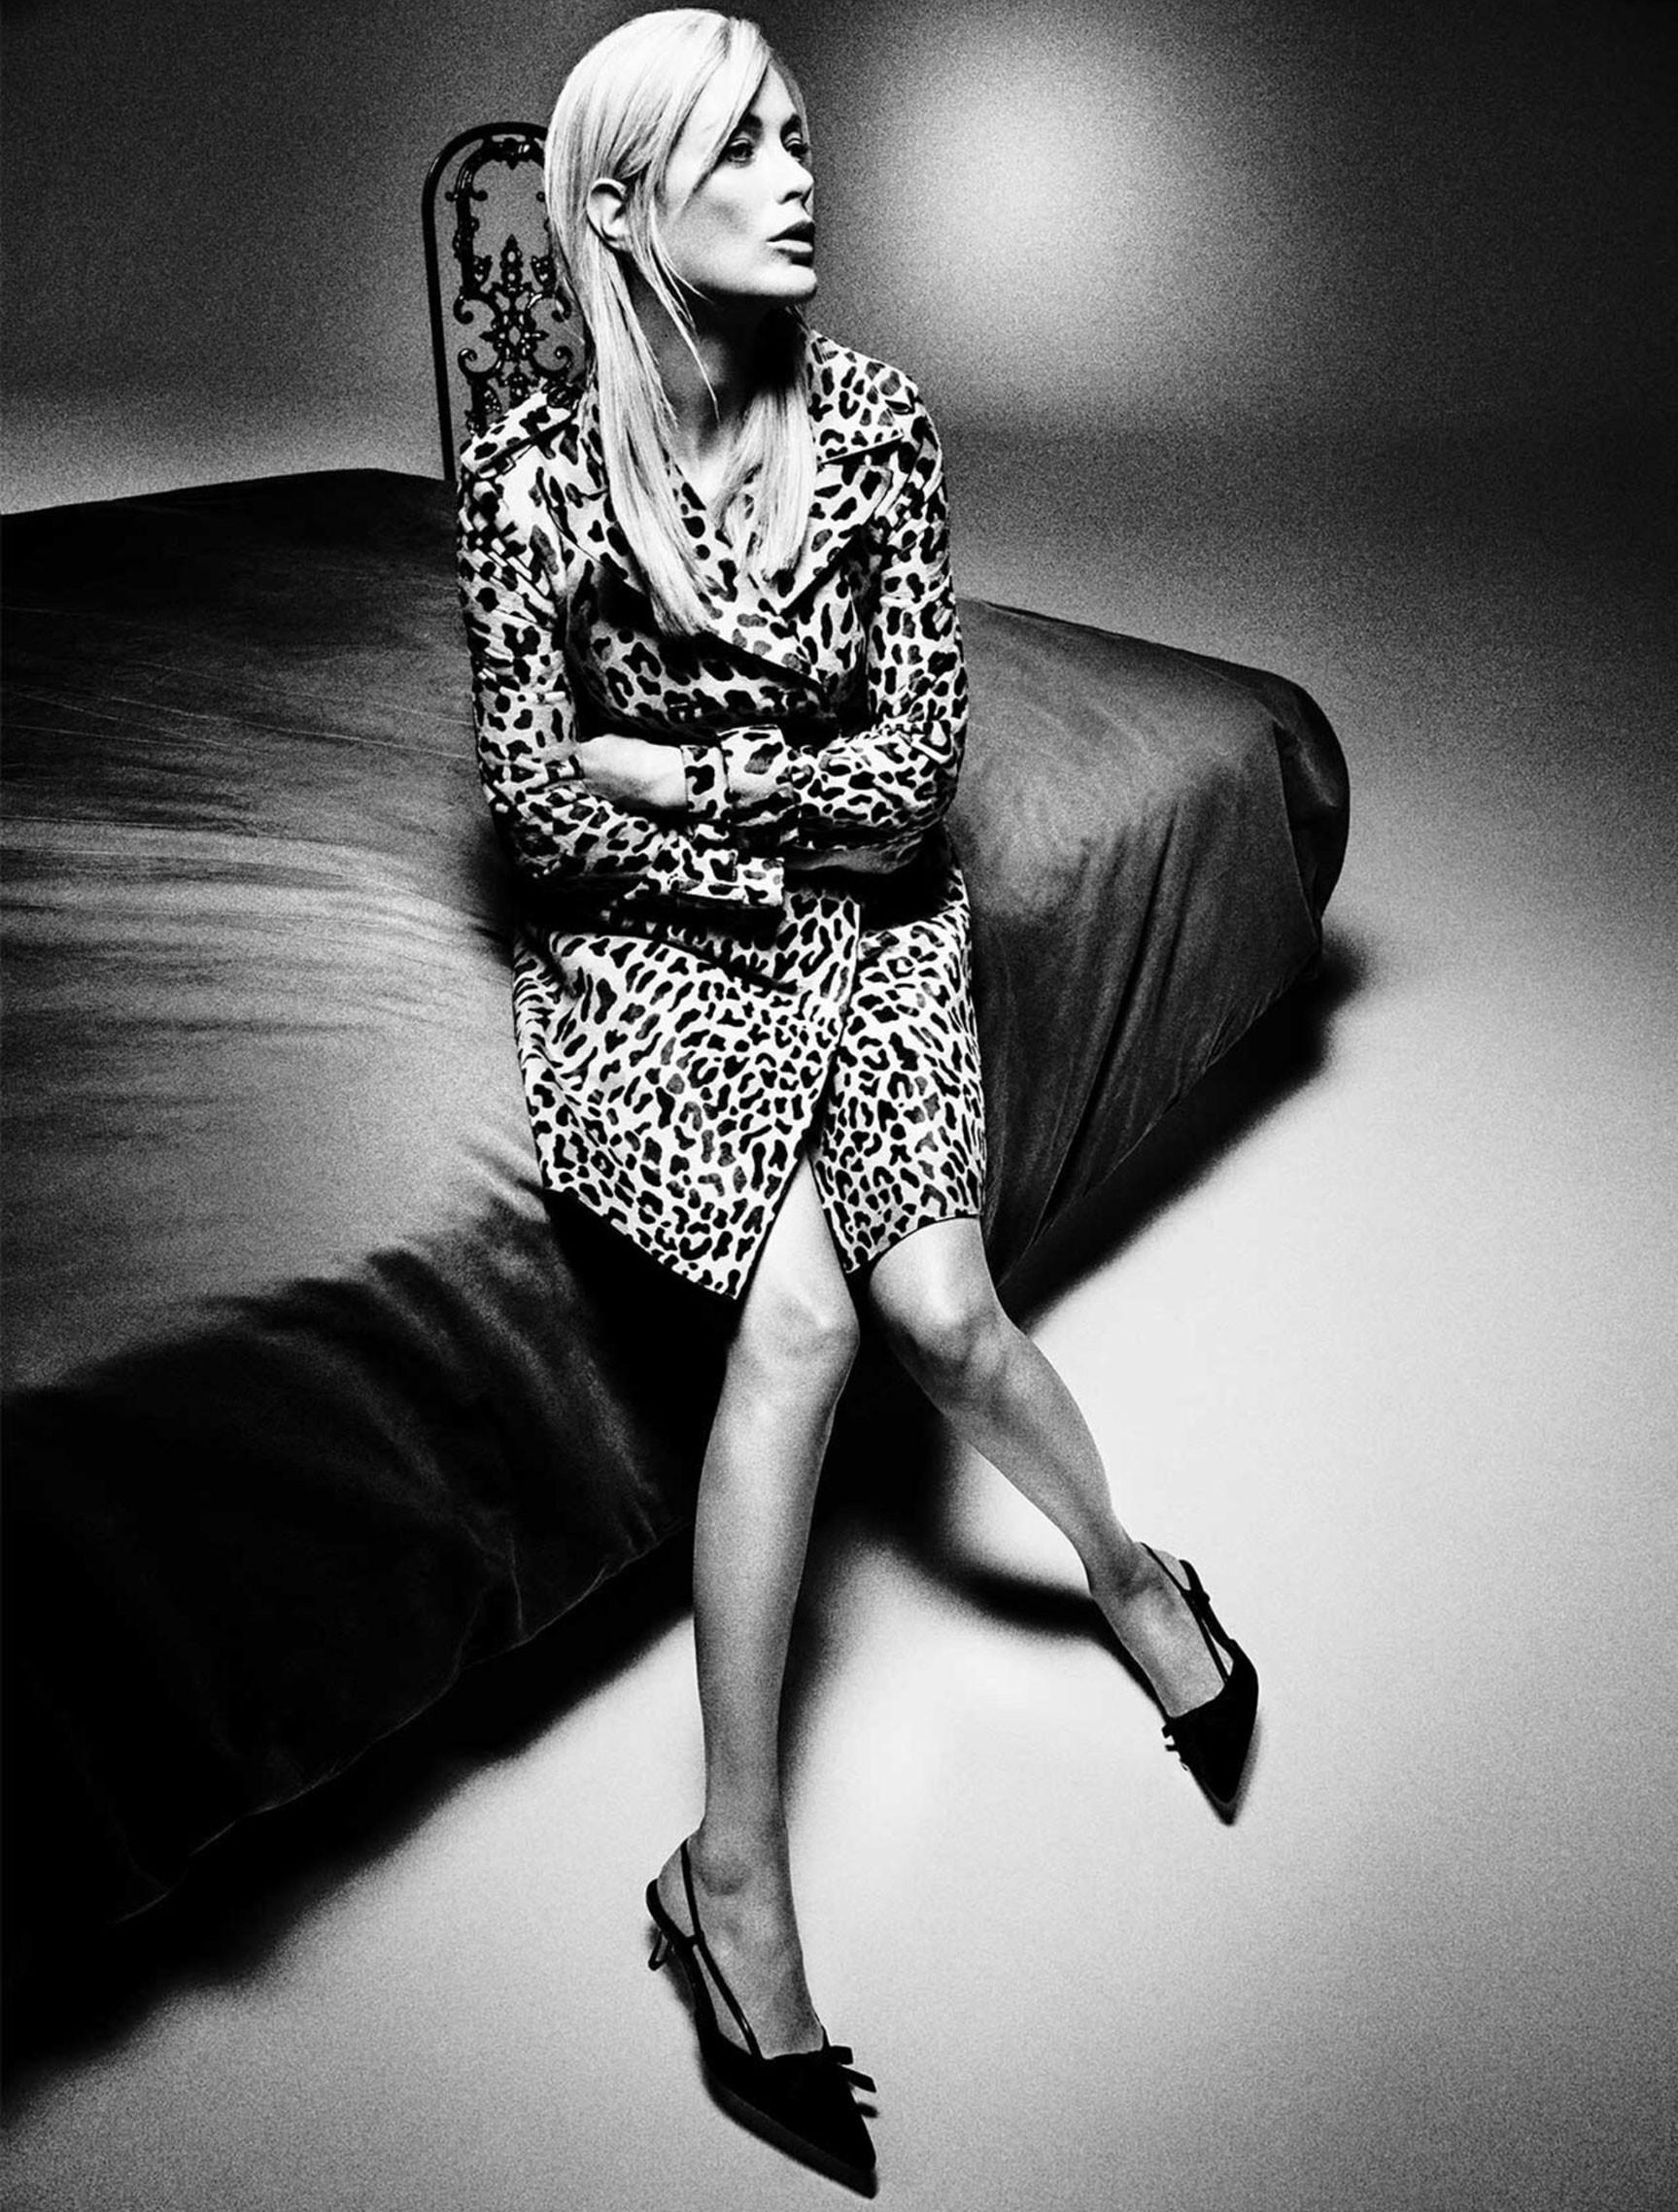 Кэролин Мерфи / Carolyn Murphy by Inez van Lamsweerde and Vinoodh Matadin - Vogue UK july 2017